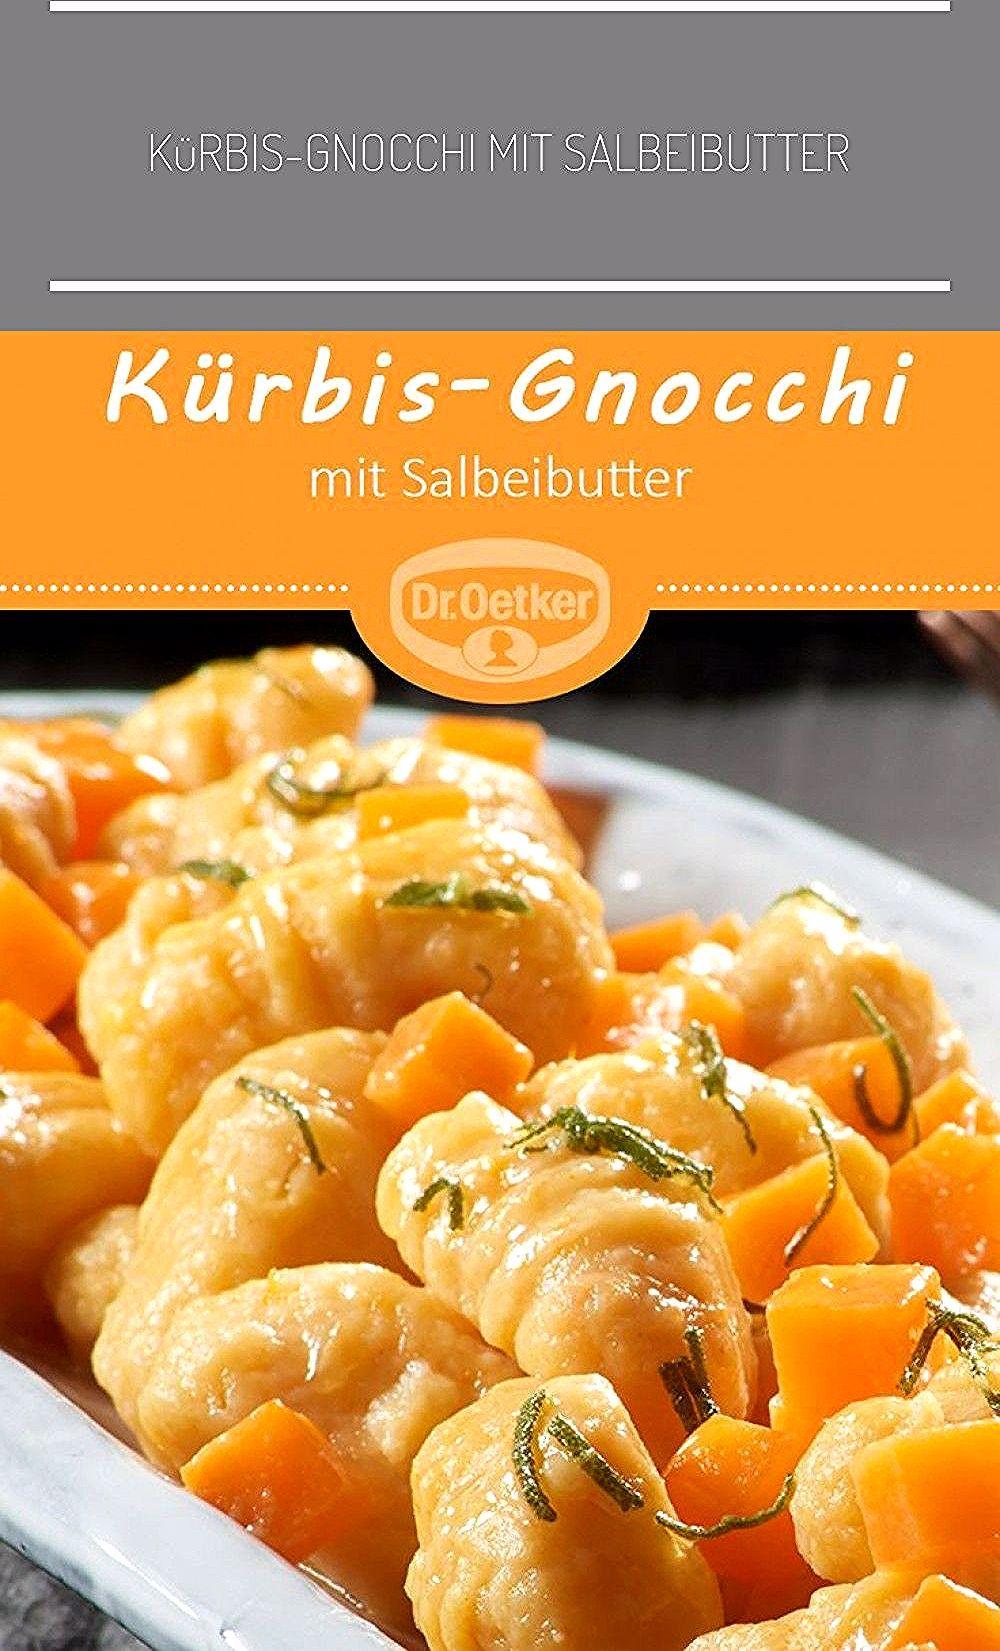 KürbisGnocchi mit Salbeibutter Leckeres KürbisRezept mit Kartoffeln automne vegan KürbisGnocchi mit Salbeibutter